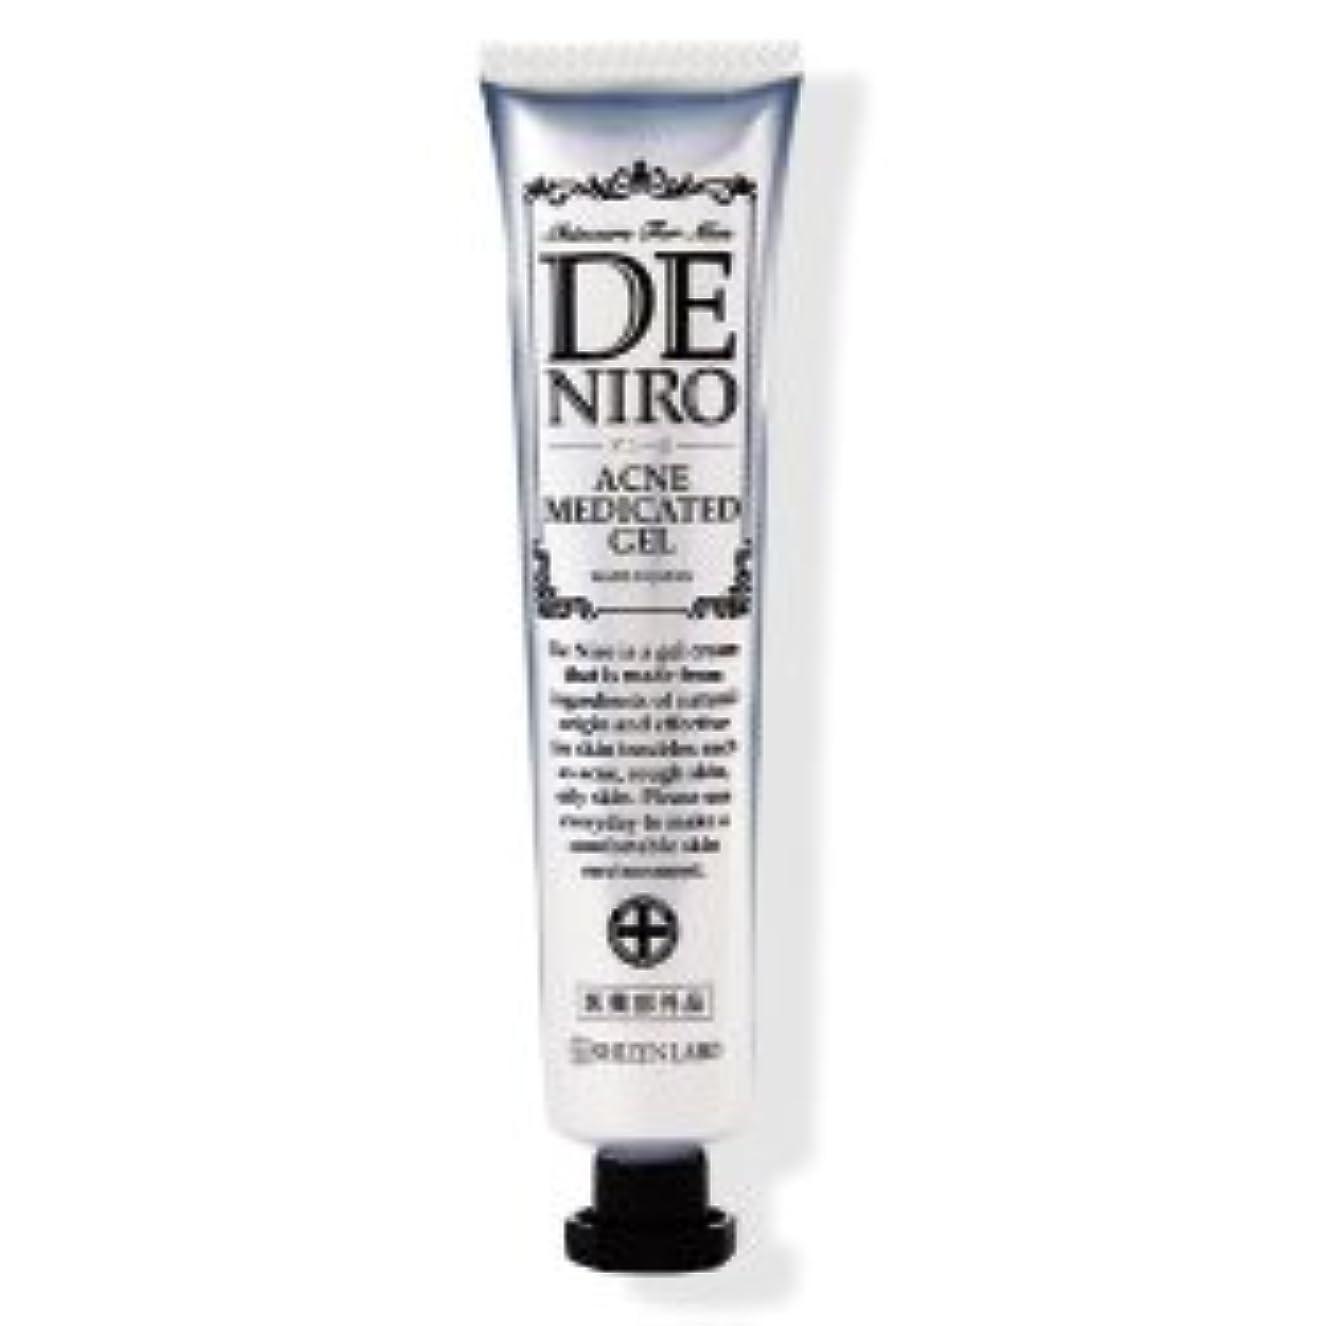 切り離すかんがい受粉者デニーロ 45g (約1ヵ月分)【公式】薬用 DE NIRO 男のニキビ クリーム